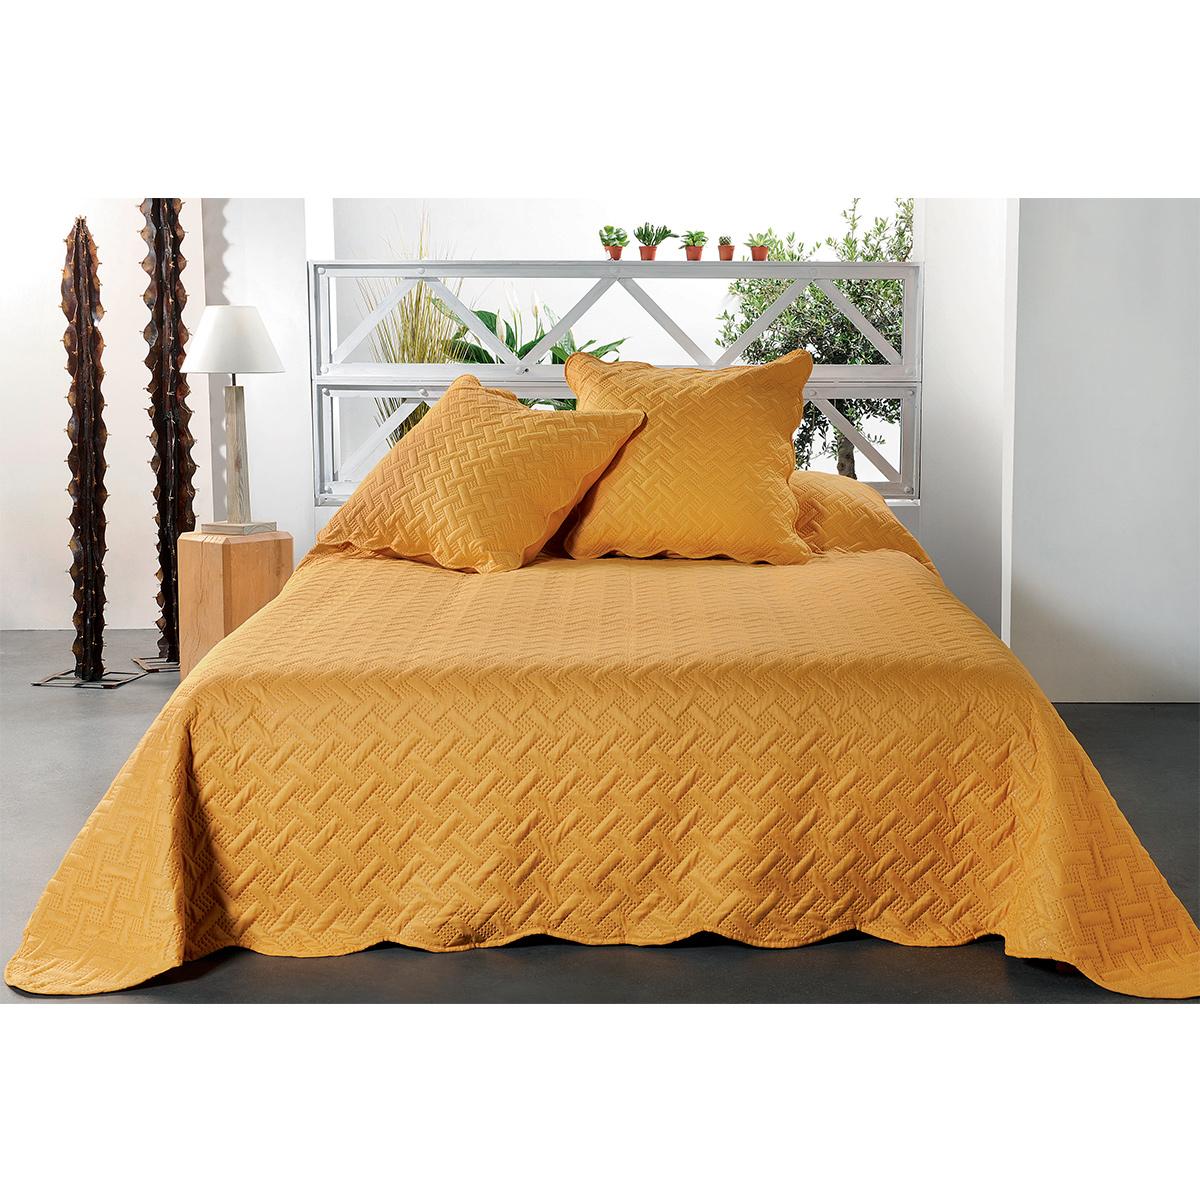 Jeté de lit aux formes géométriques surpiquées polyester jaune 240x180